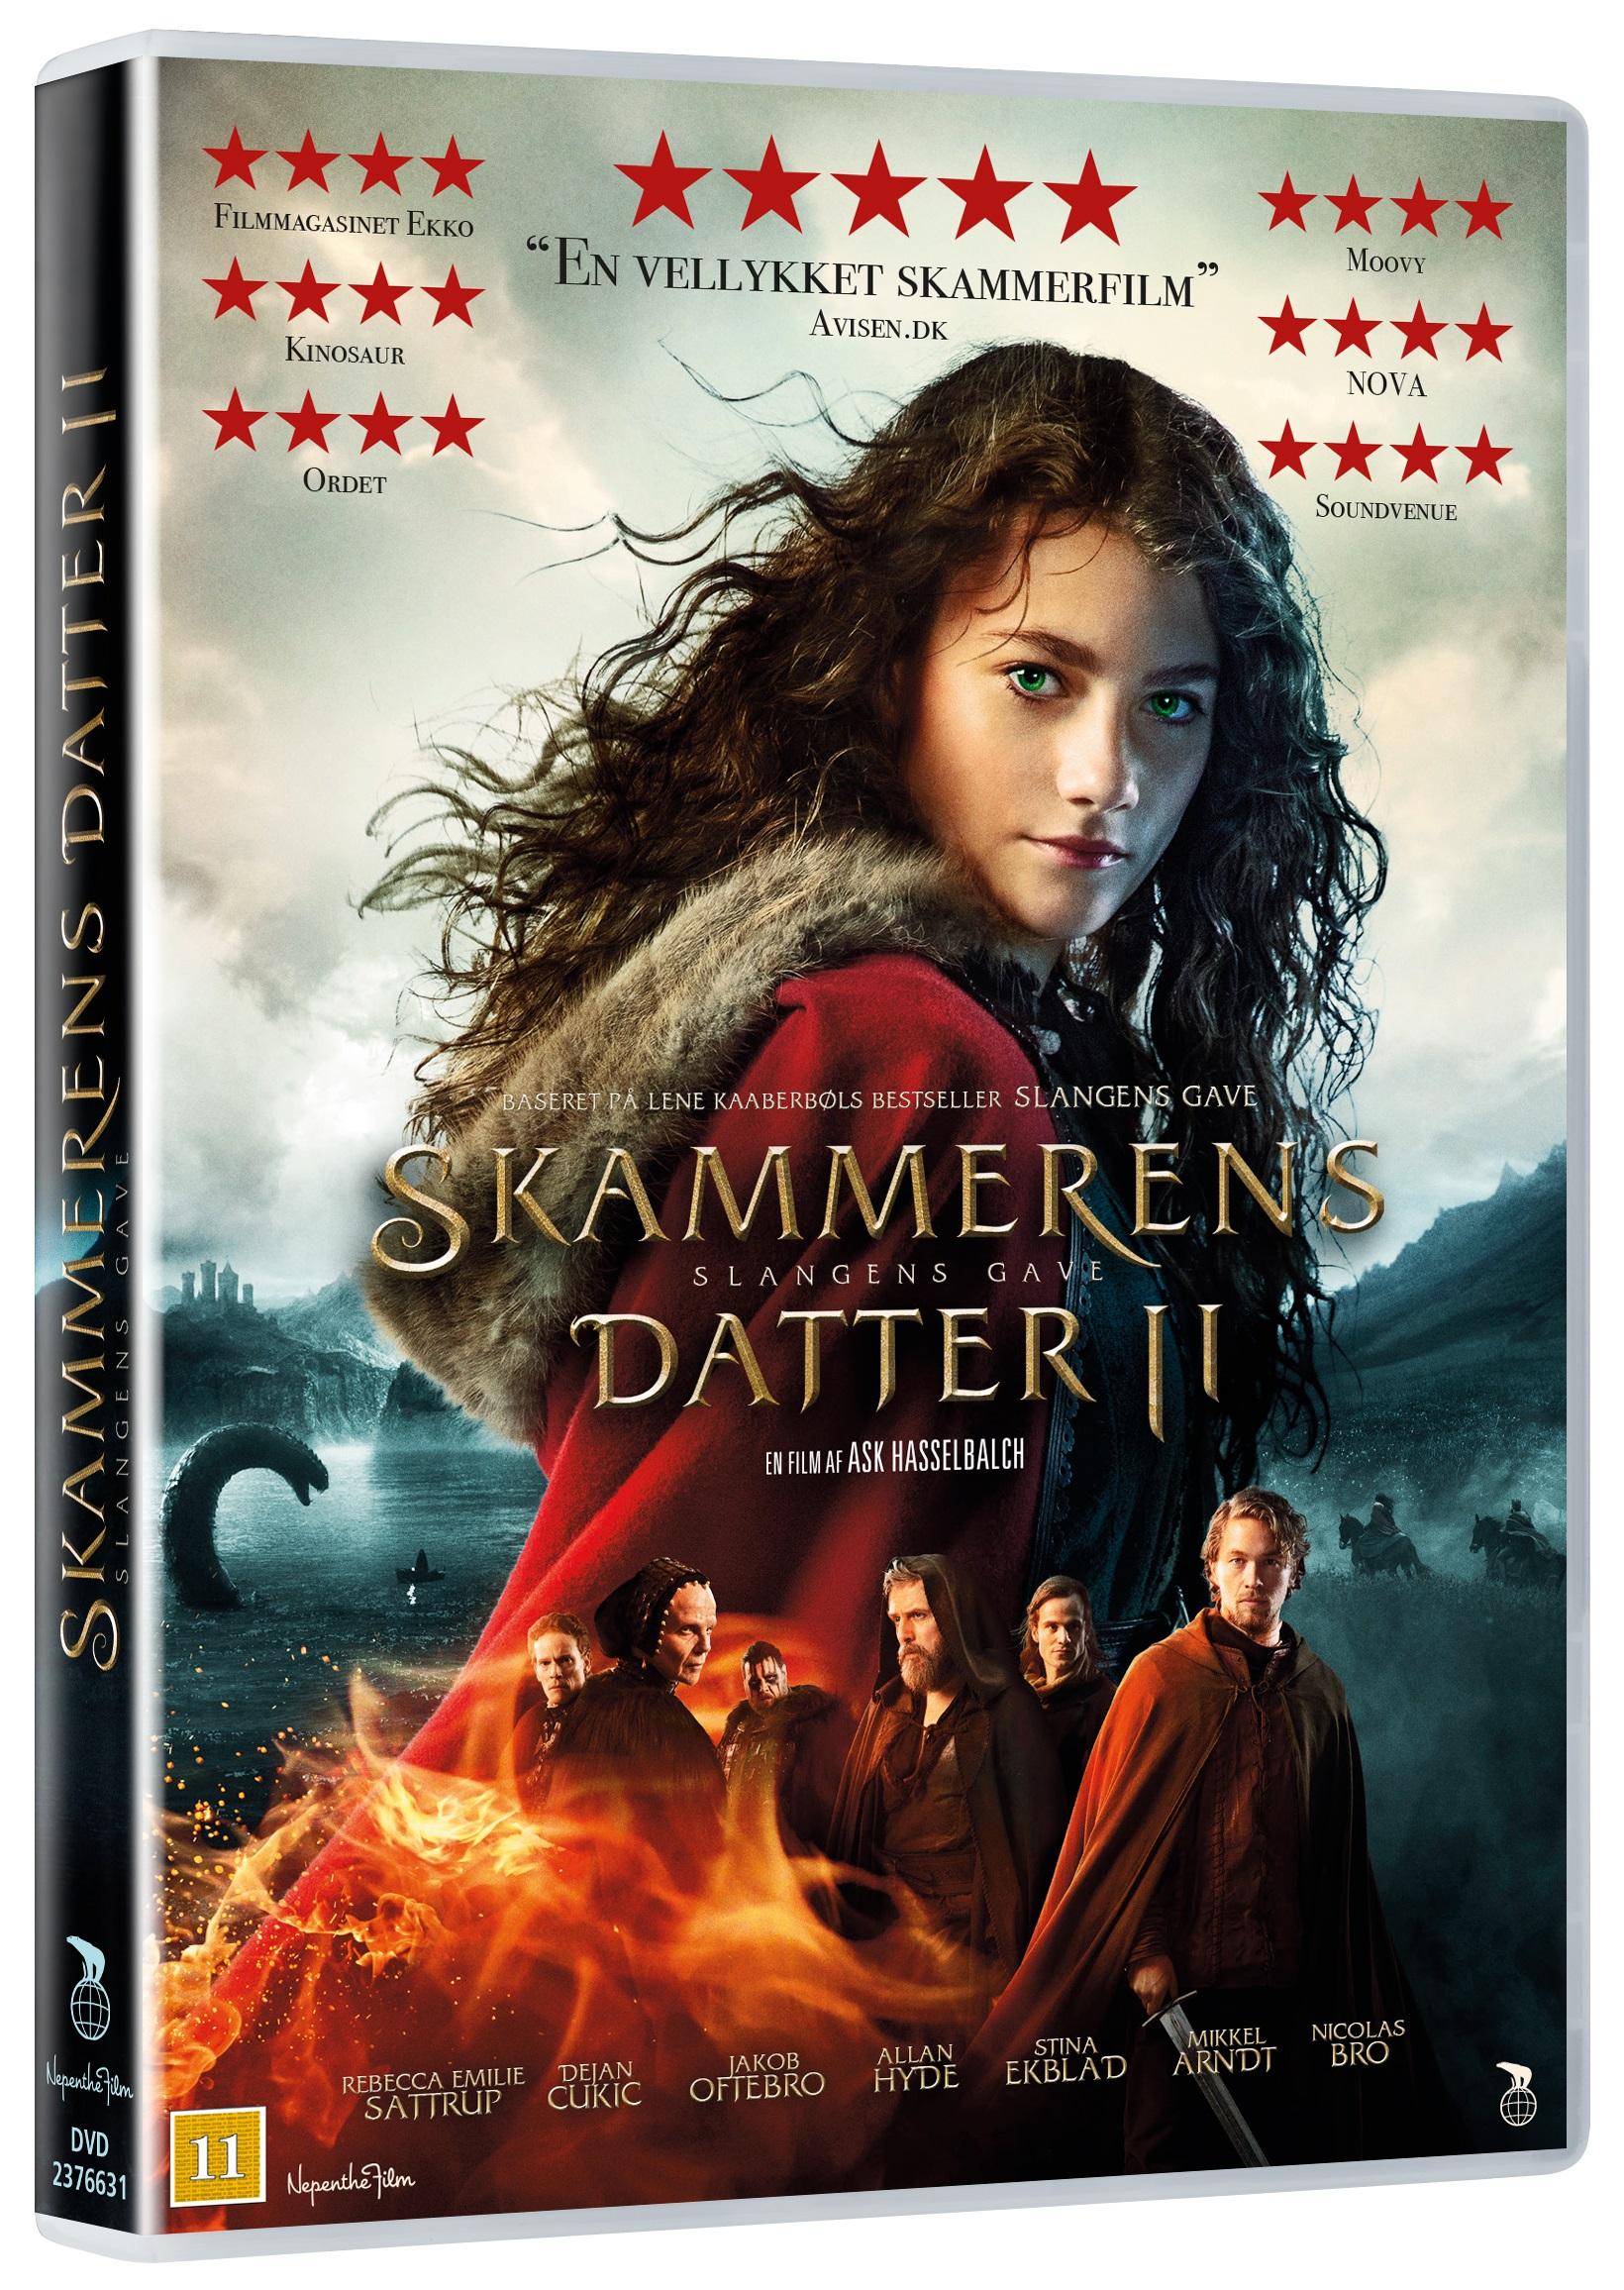 Skammerens Datter II - Slangens Gave -  - Film -  - 5708758723657 - 6/6-2019